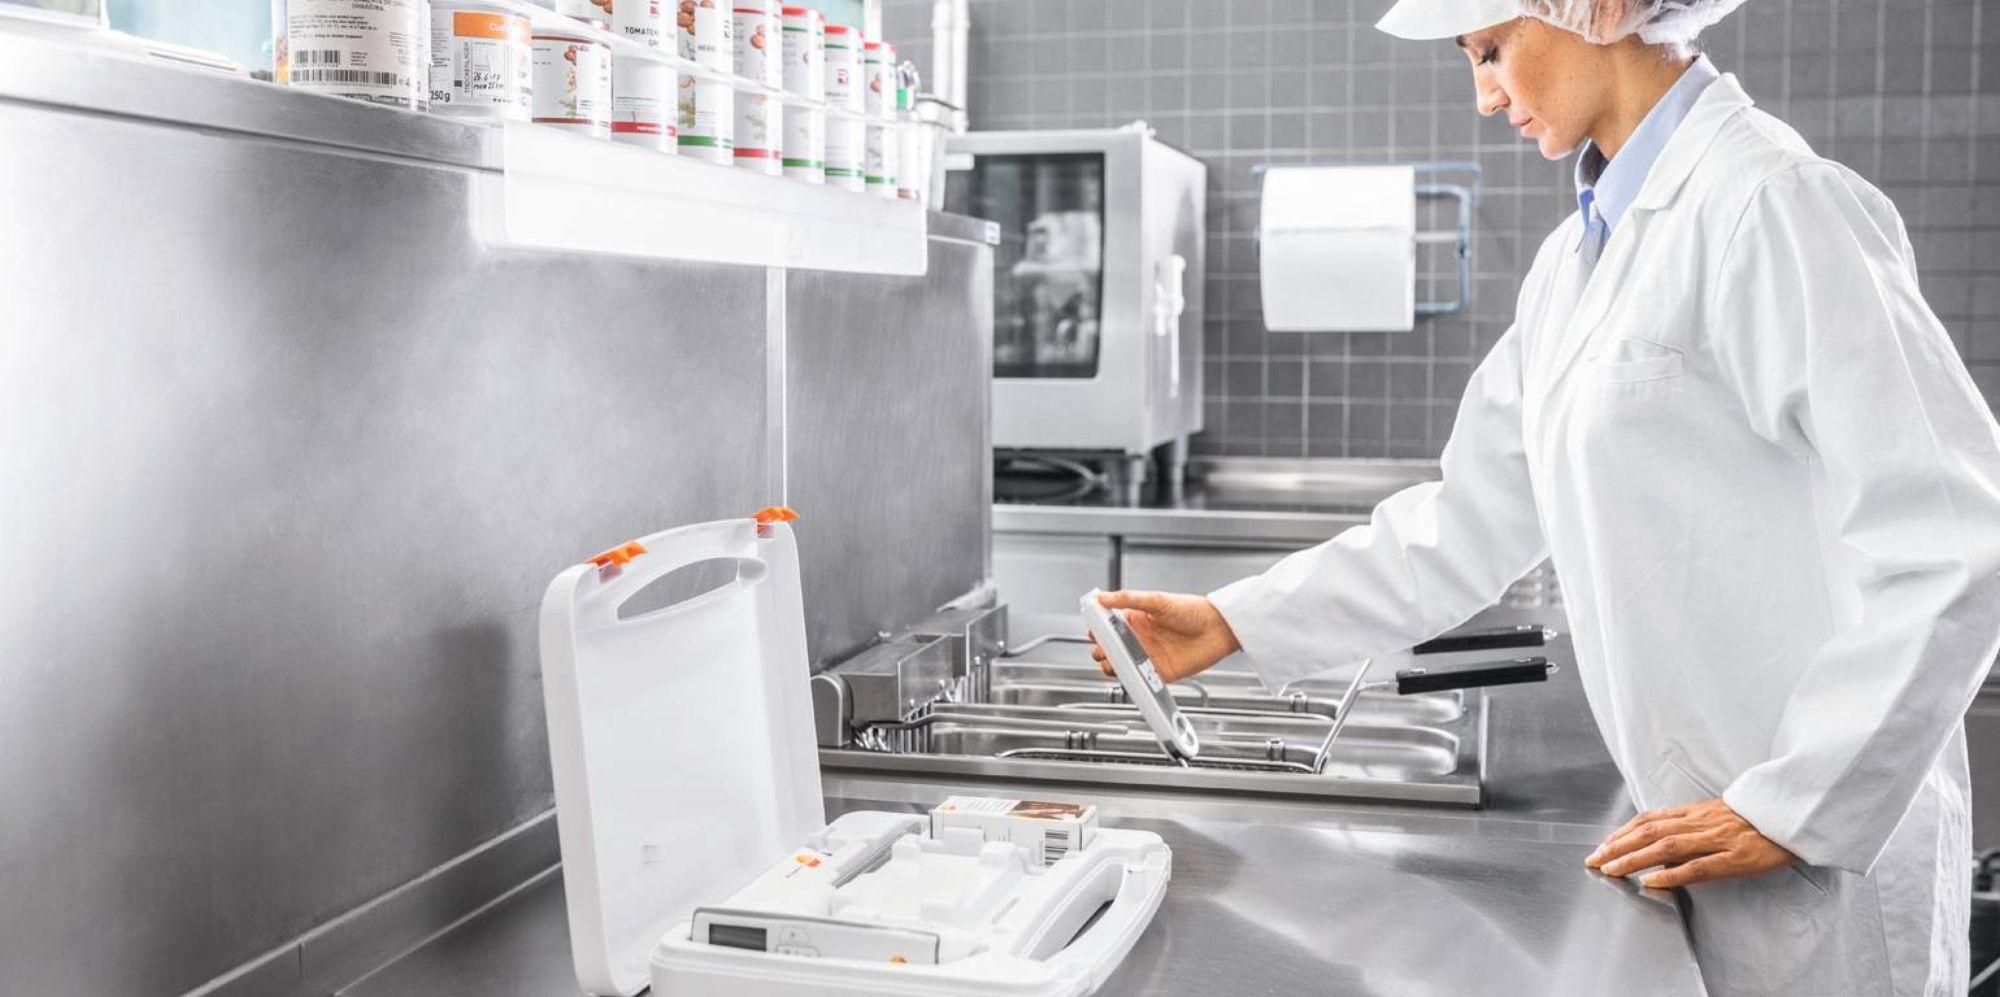 Mutfak ve restoranlarda gıda güvenliği önlemleri